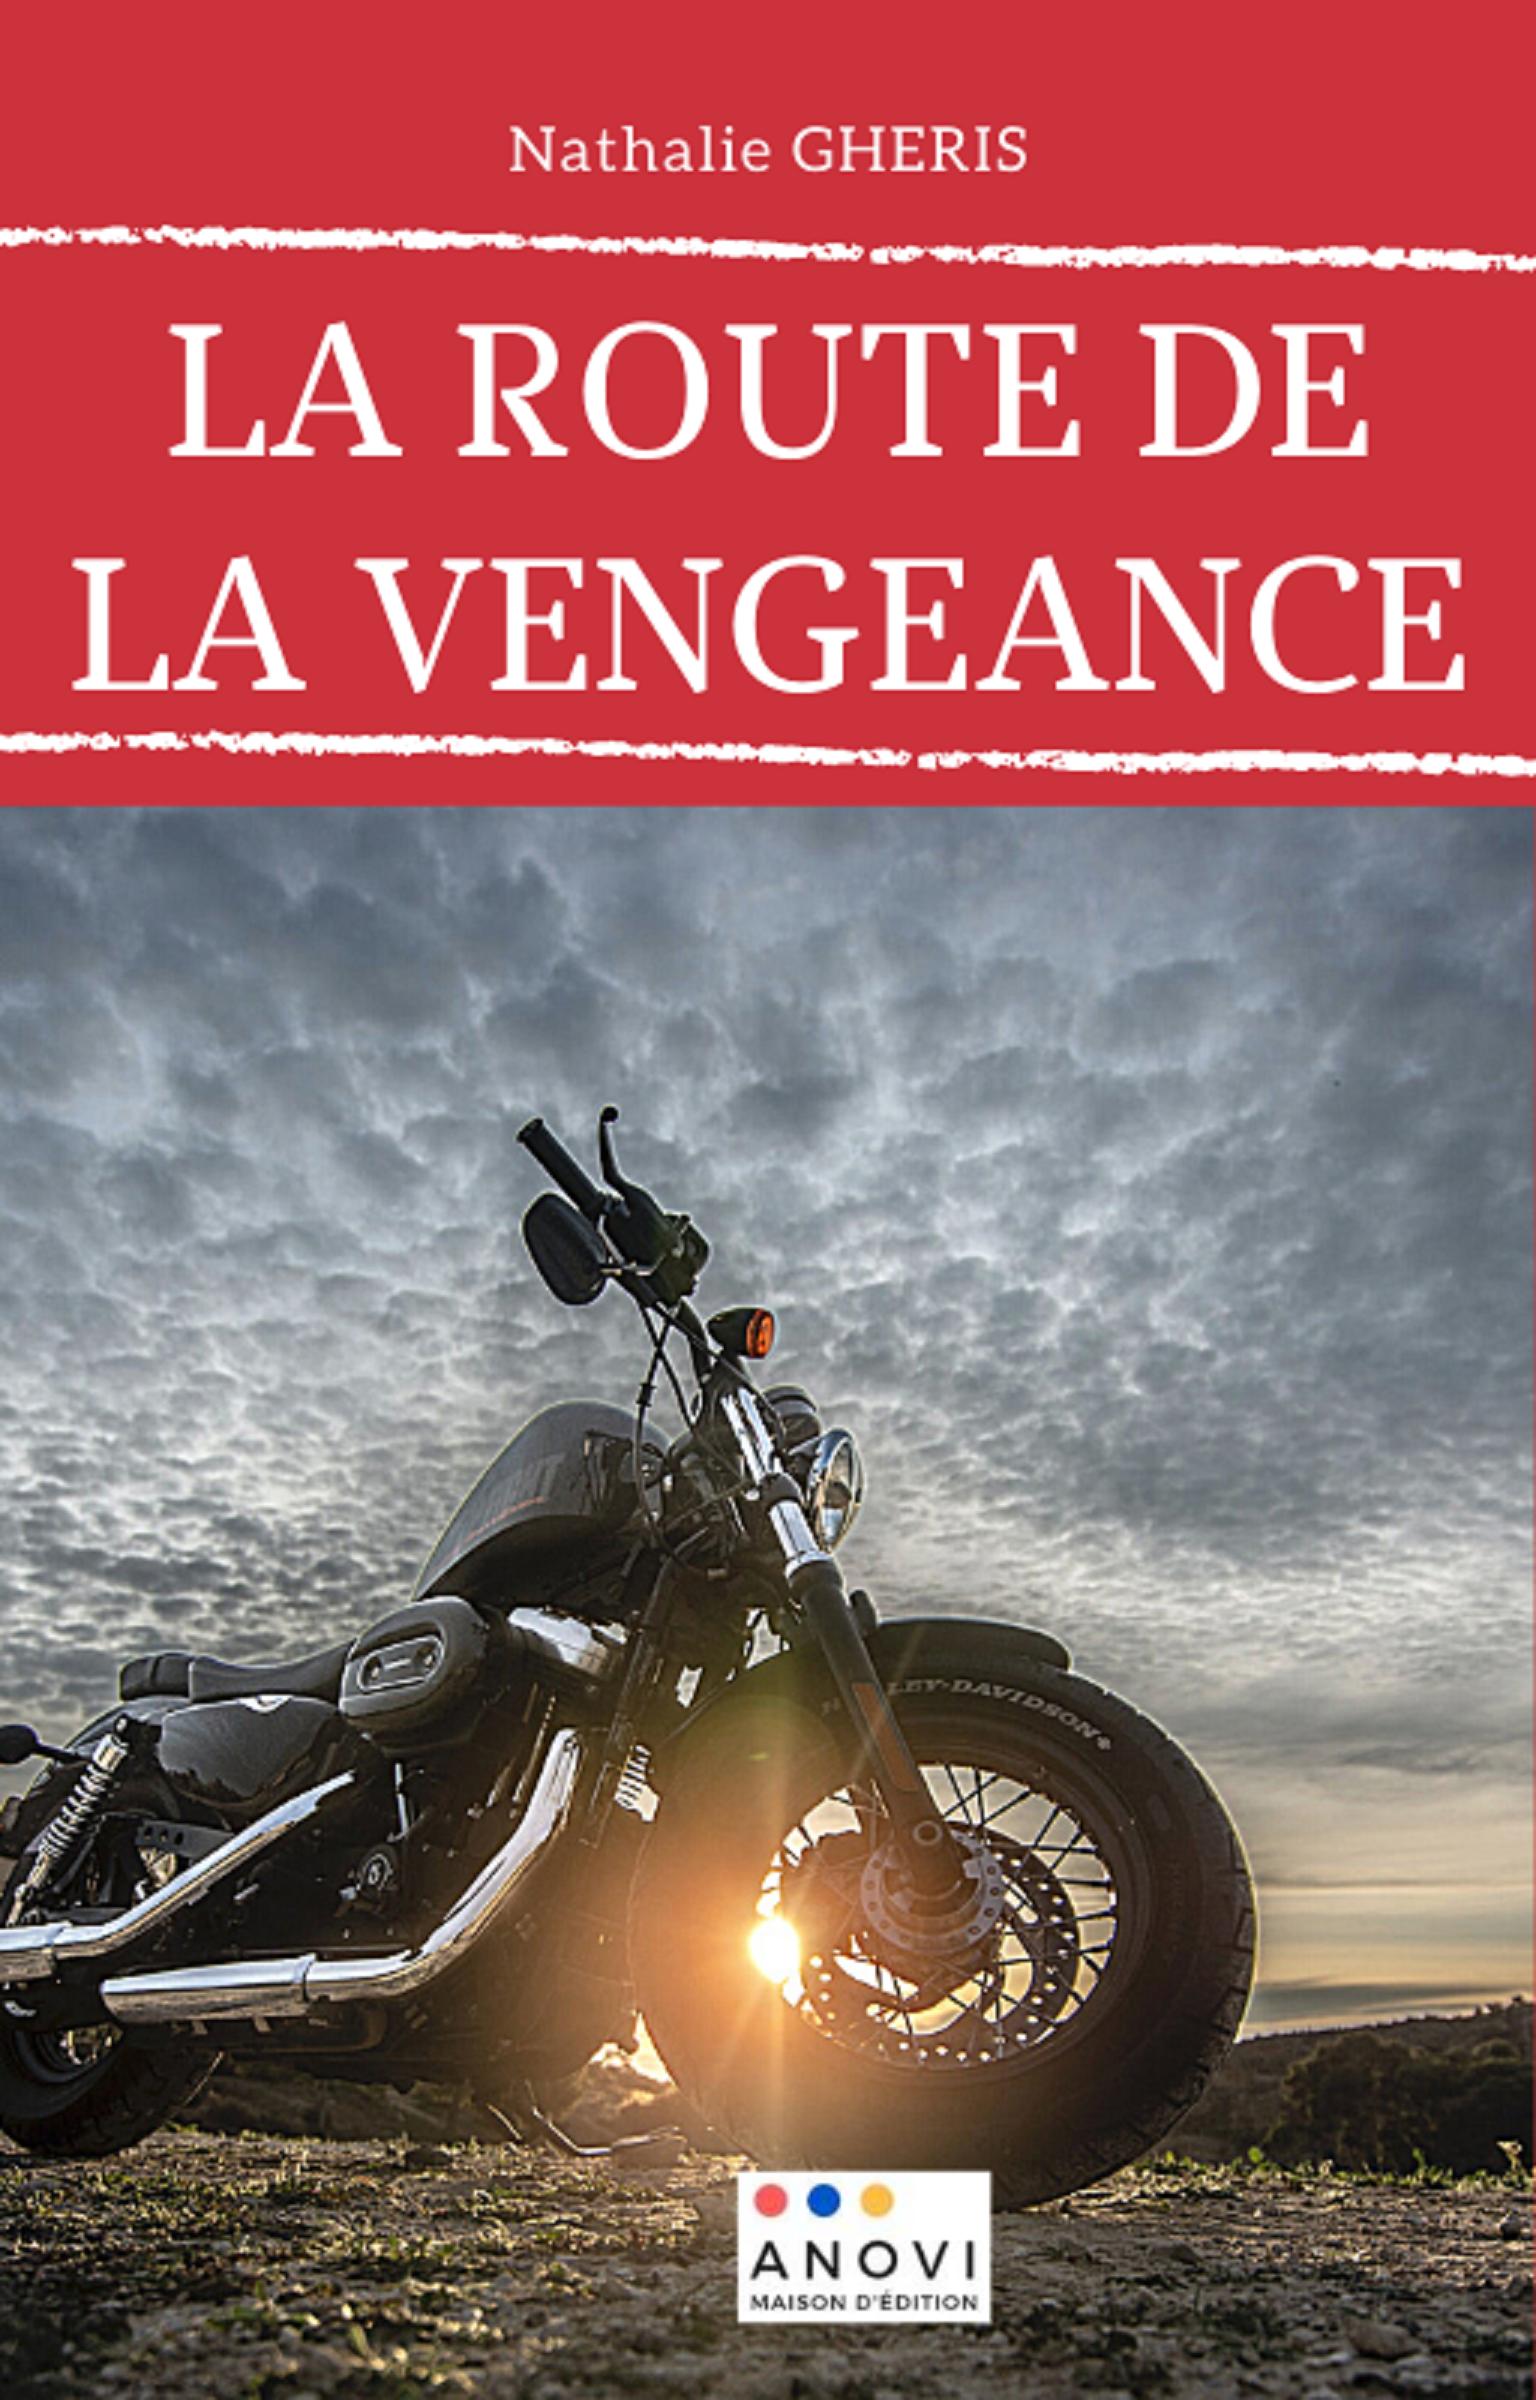 La route de la vengeance Image